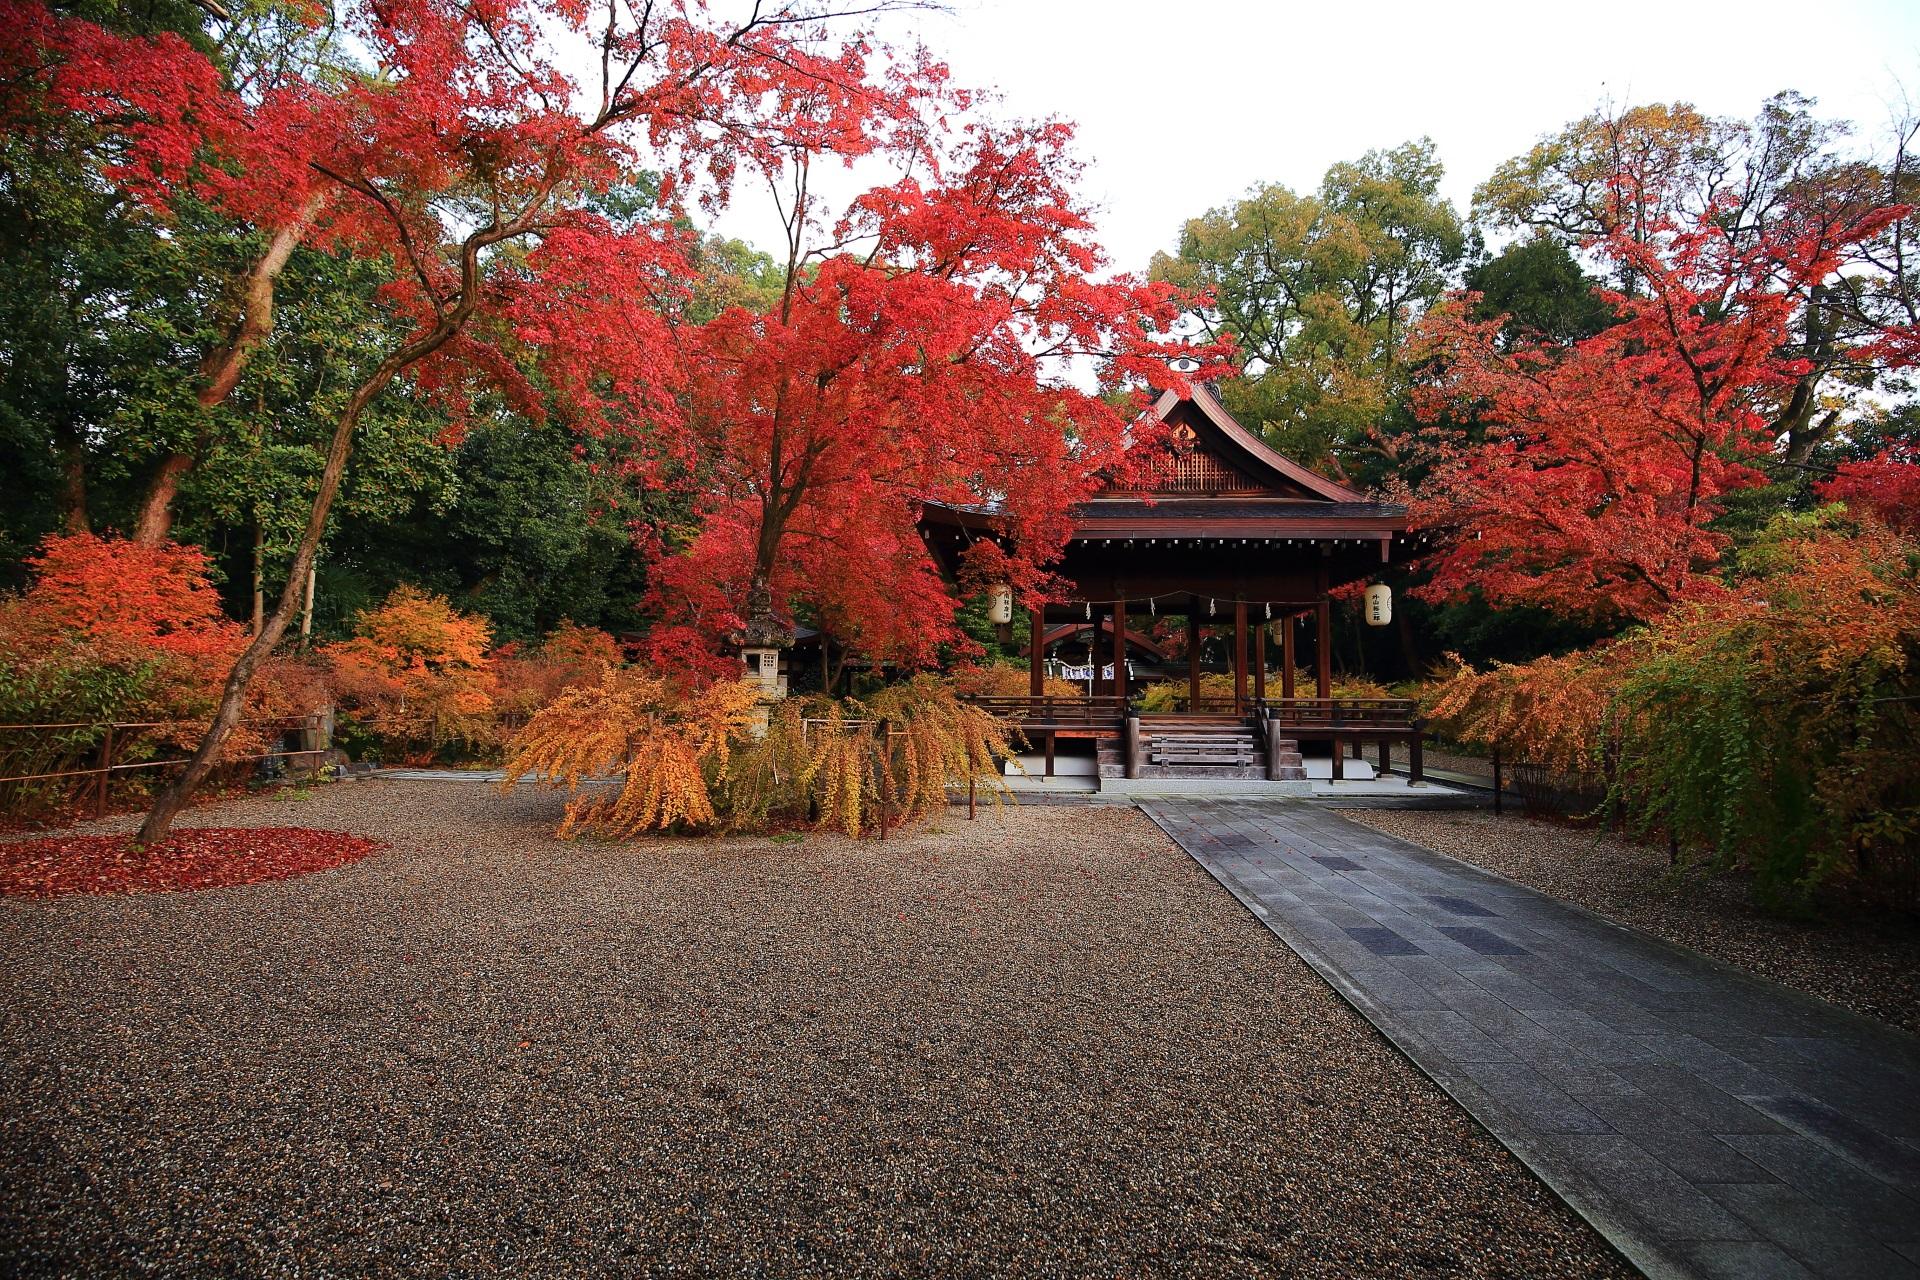 多彩な秋色と多様な木々につつまれる梨木神社